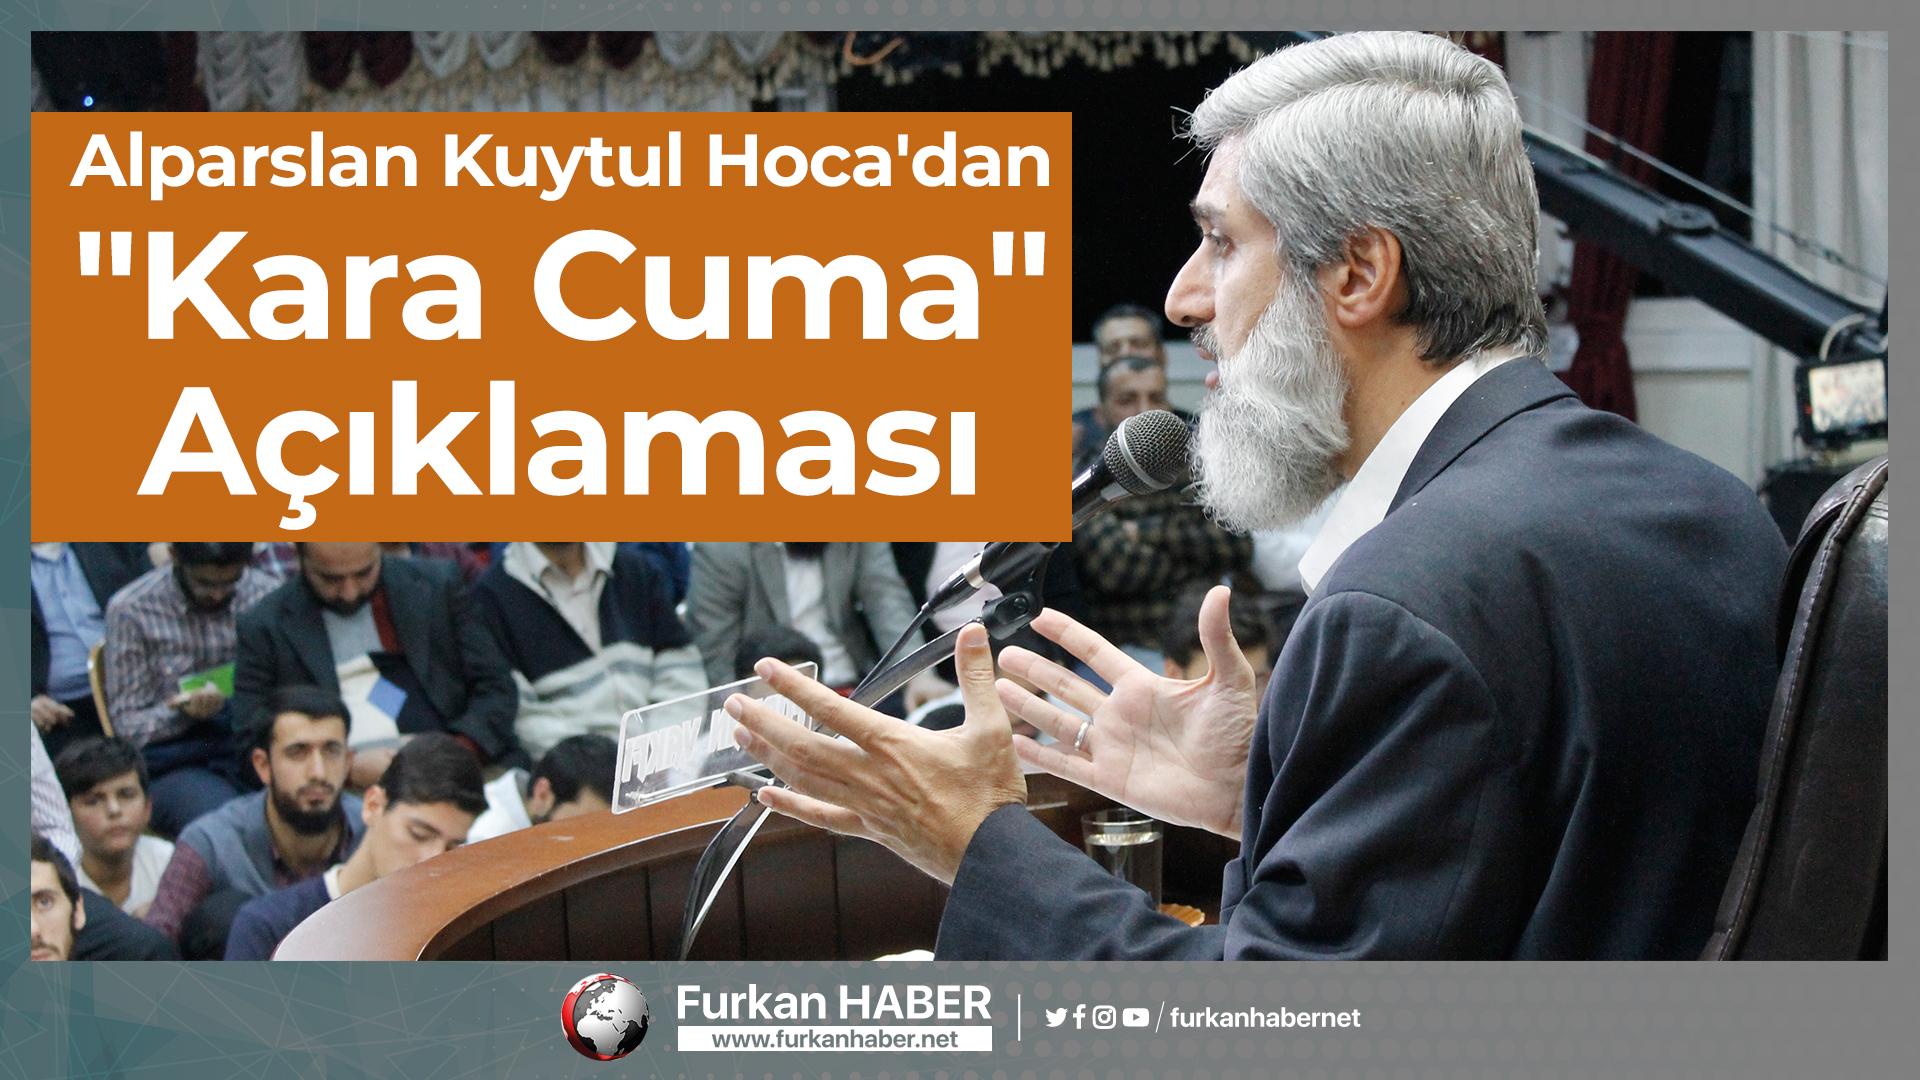 """Alparslan Kuytul Hoca'dan """"Kara Cuma"""" Açıklaması"""